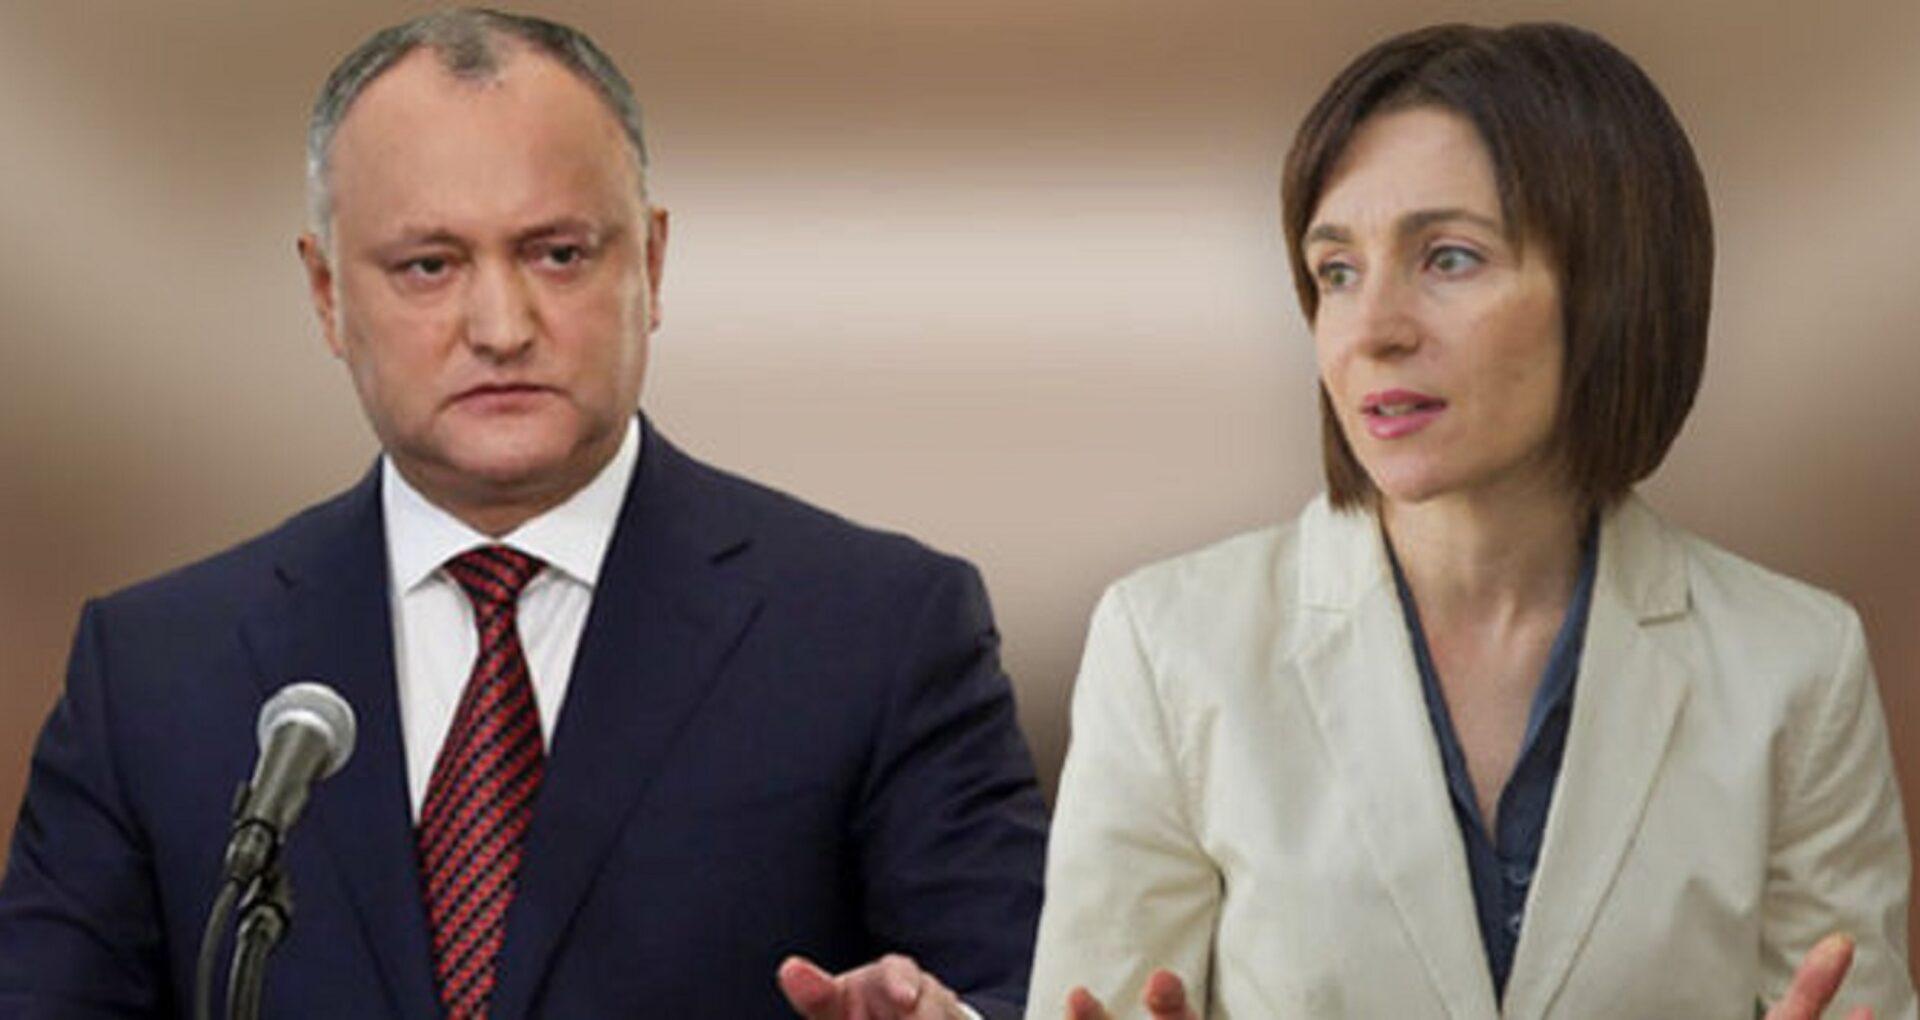 DOC/ Curtea Supremă de Justiție pune punct procesului intentat în privința lui Igor Dodon și pliantele defăimătoare la adresa Maiei Sandu